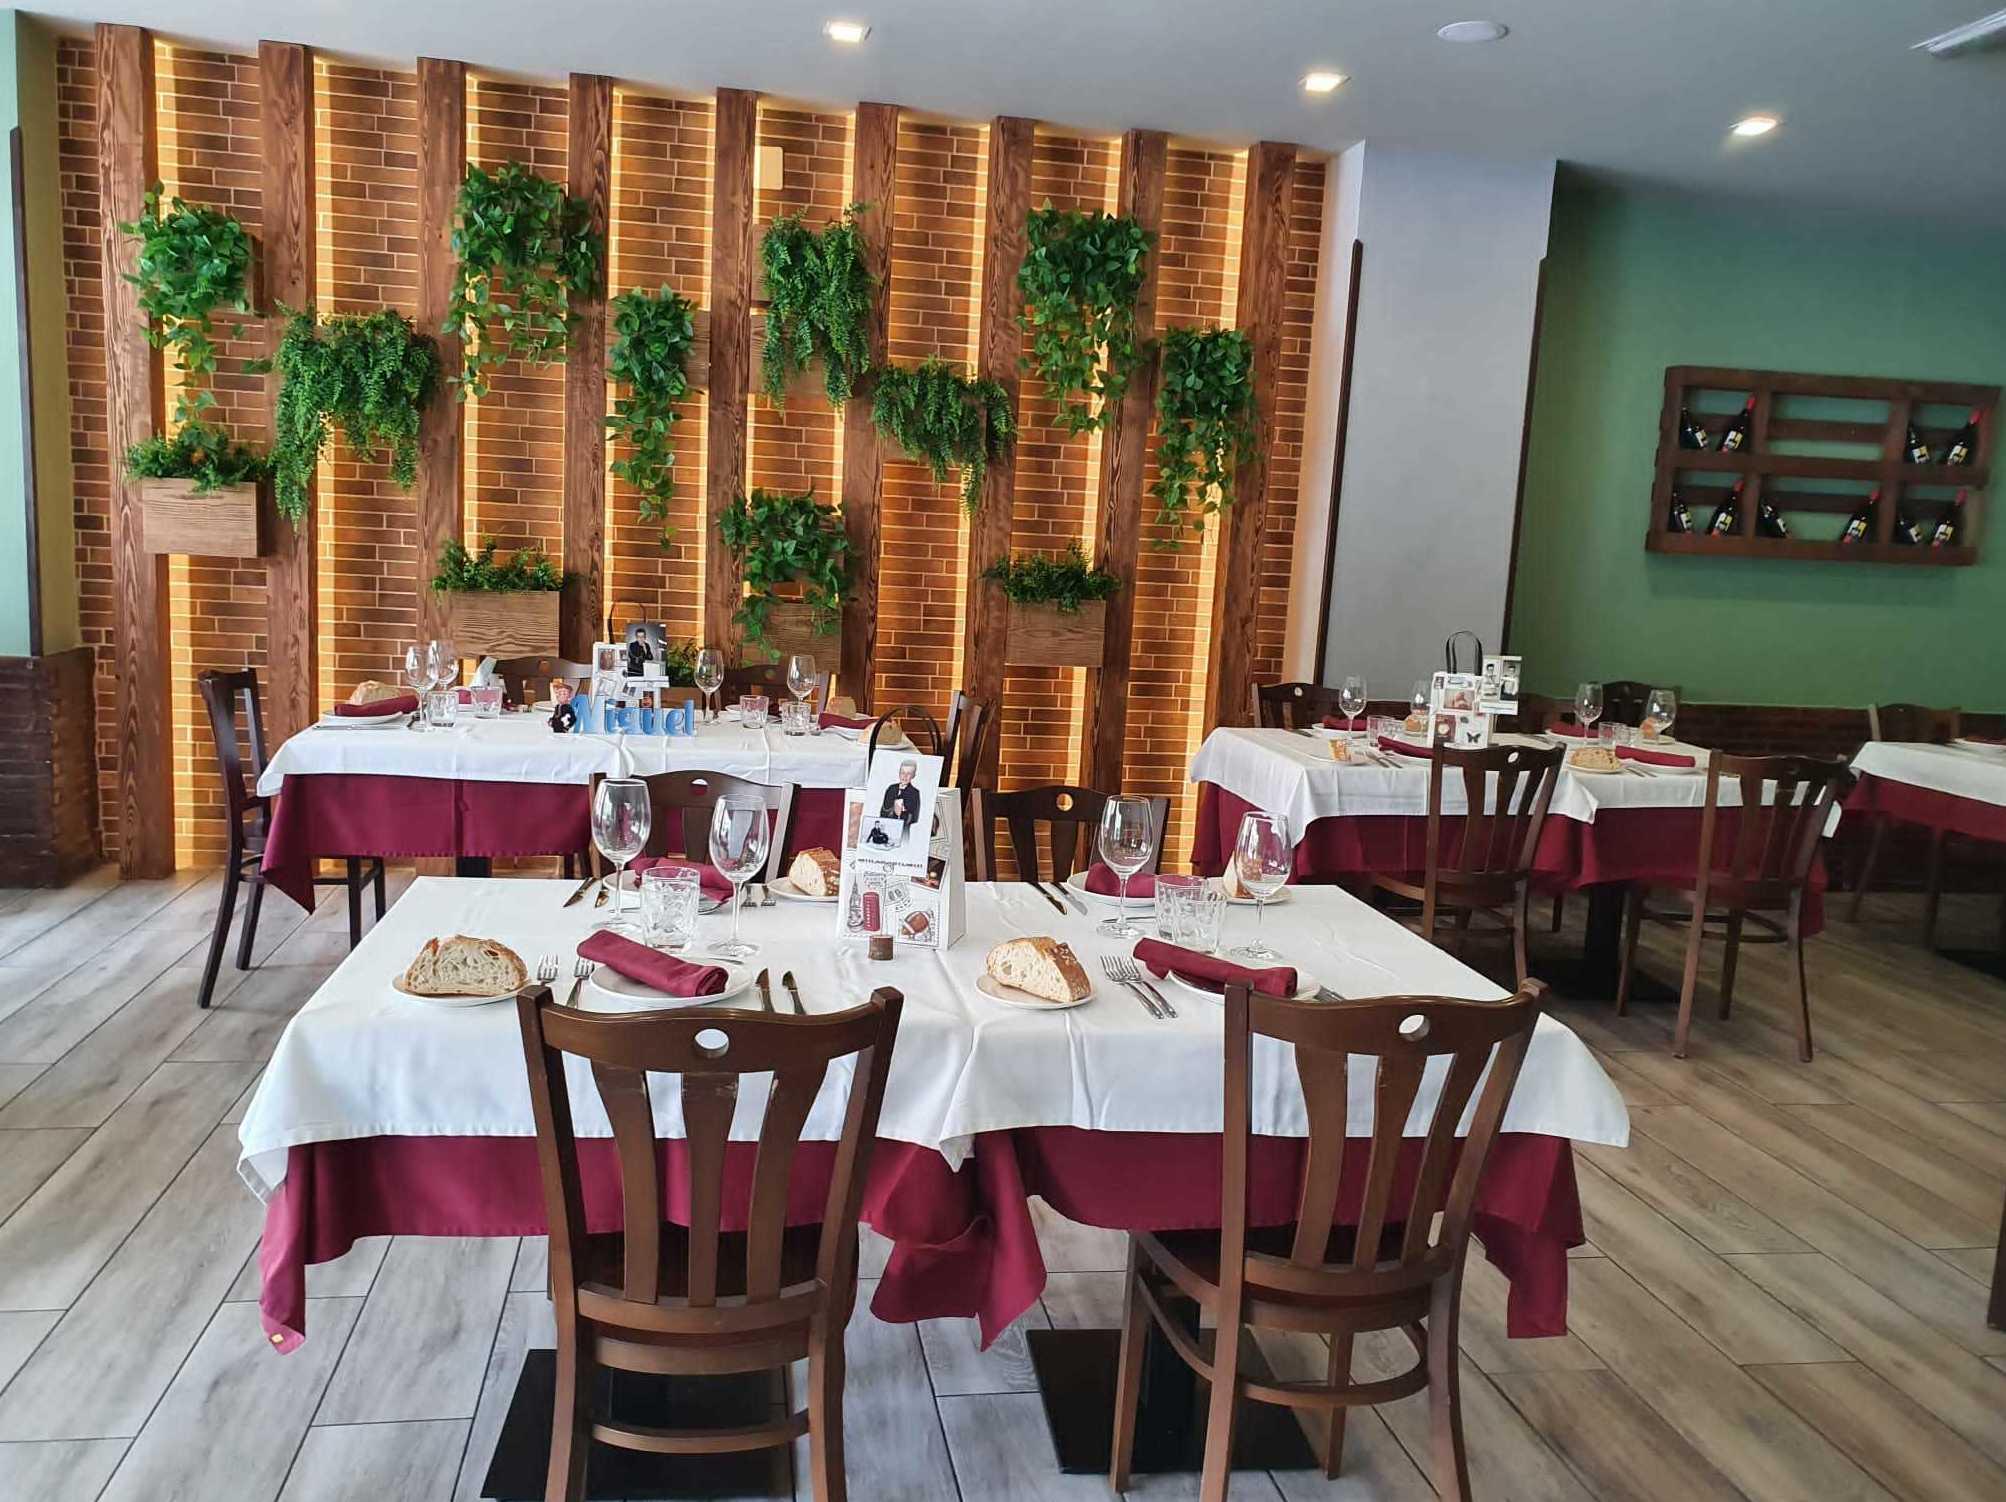 Foto 5 de Restaurante en  | Restaurante Taberna Vinare